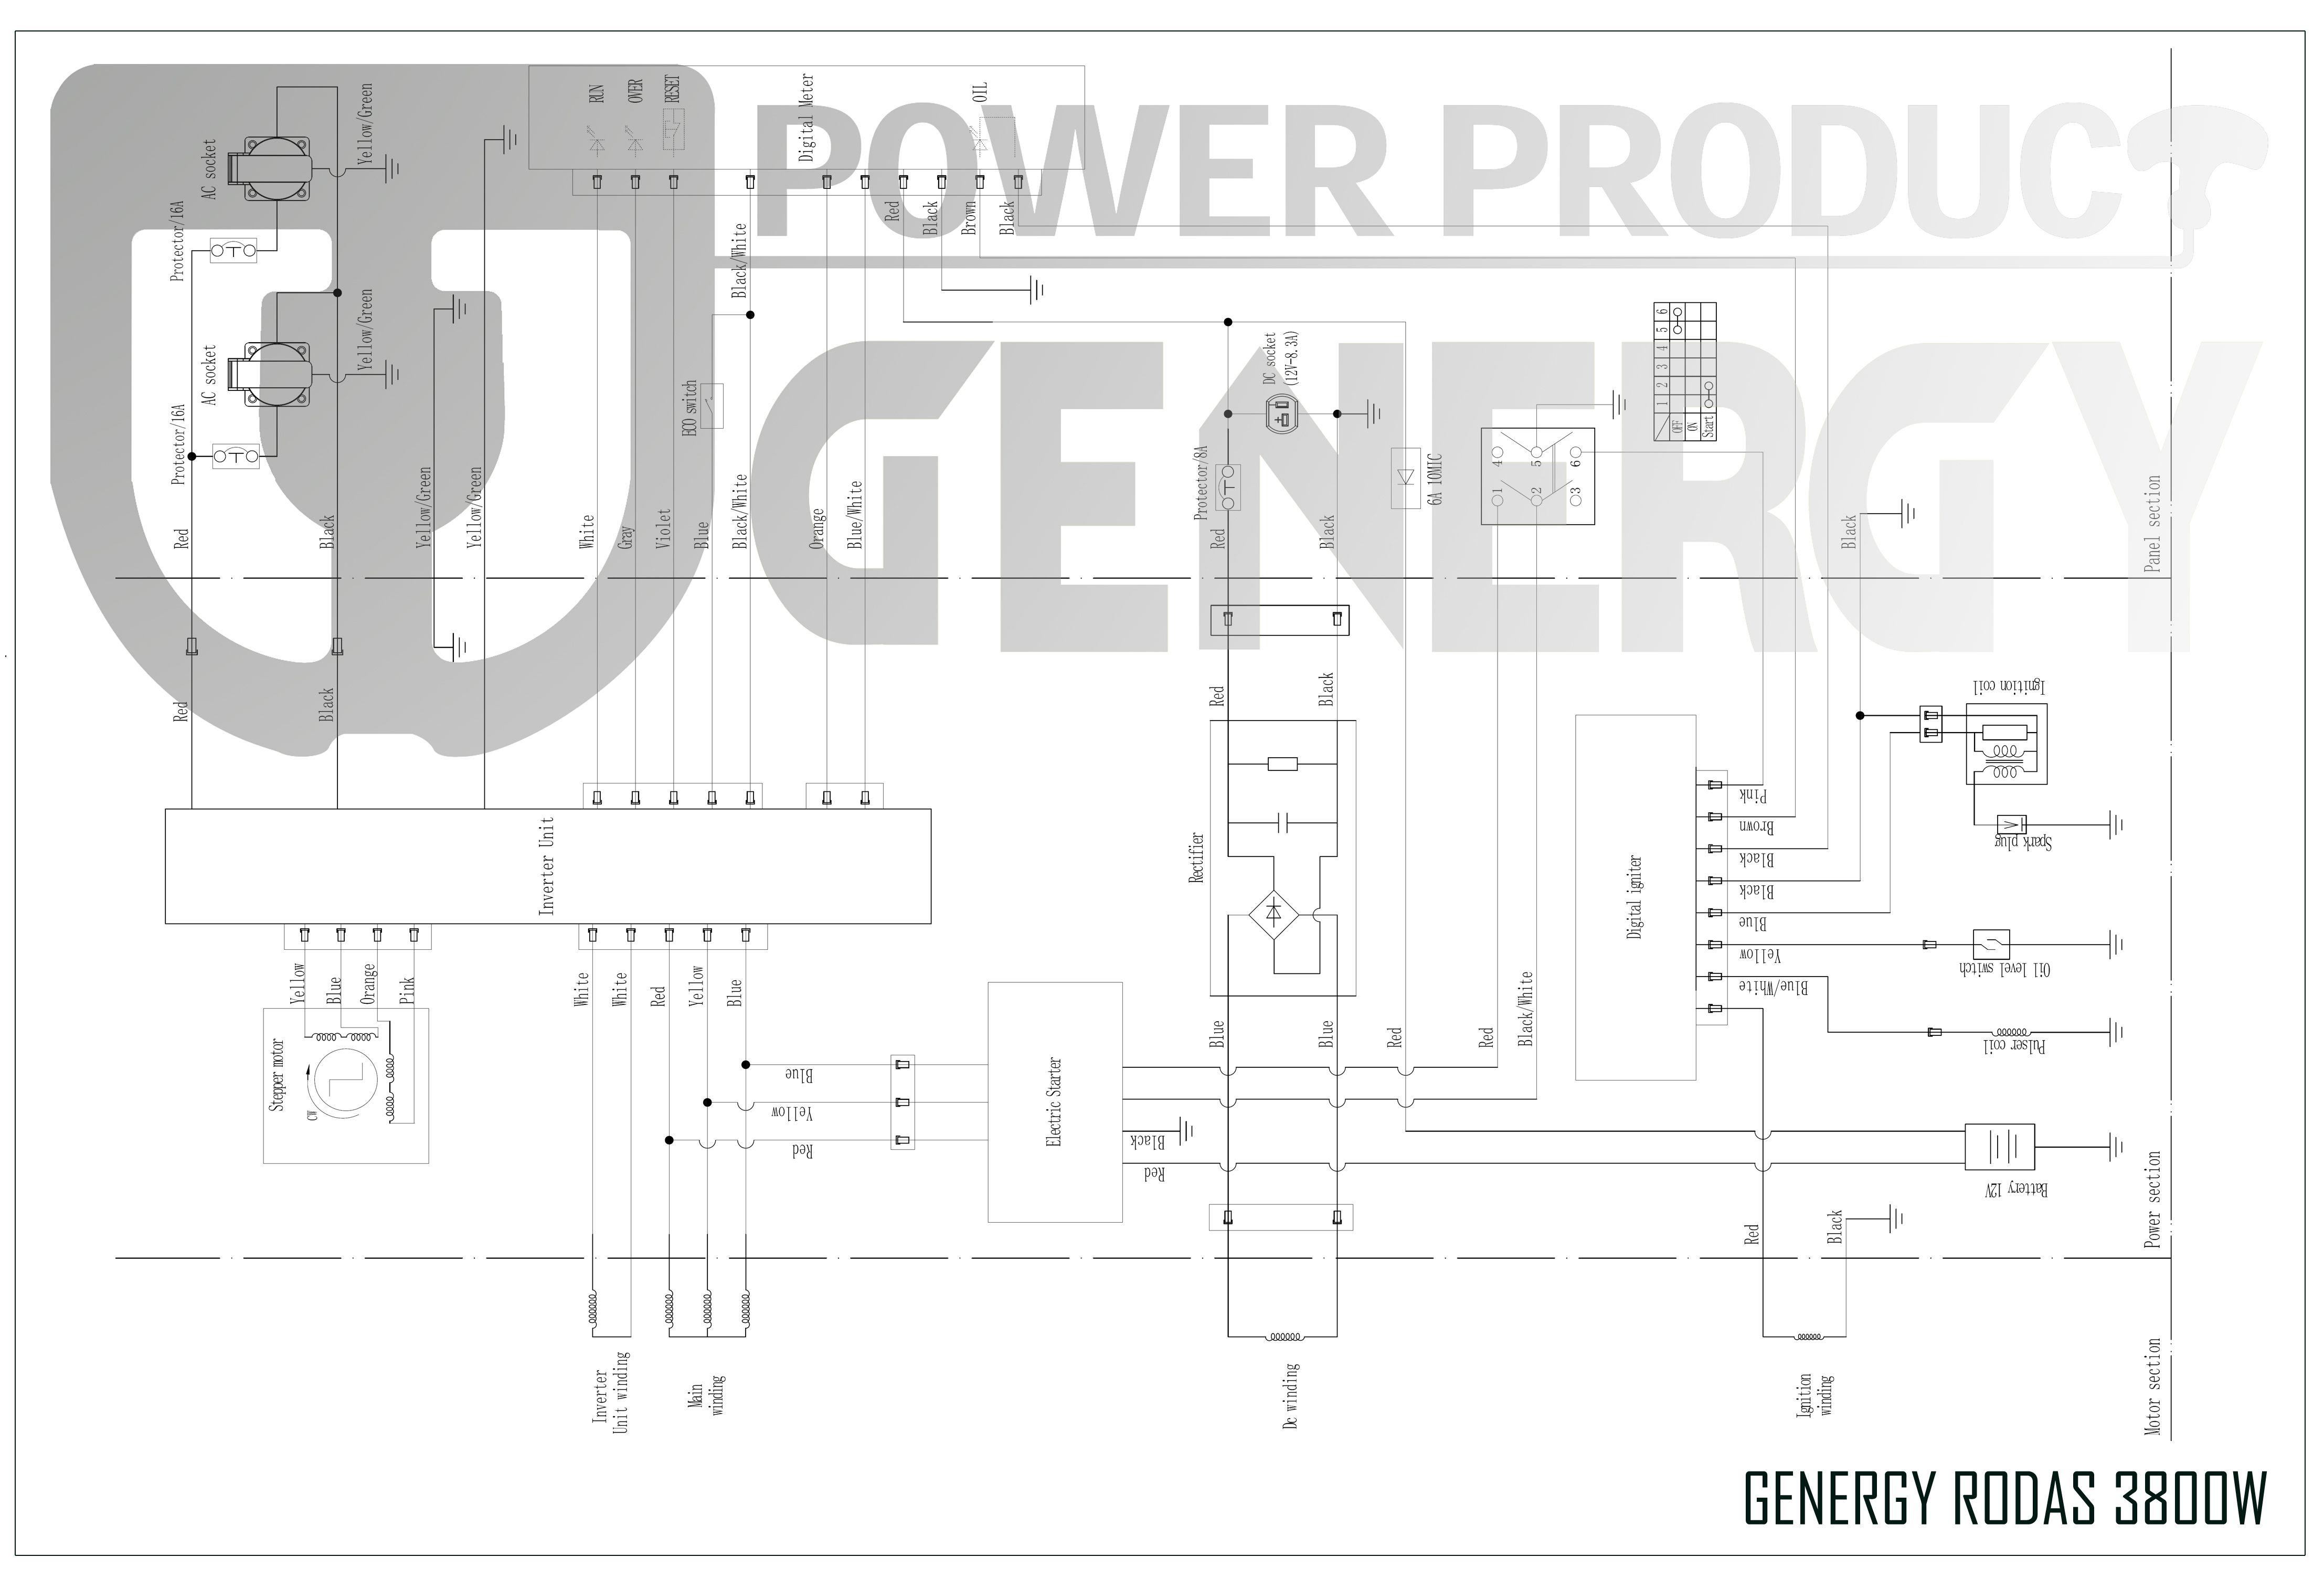 Esquema Generador Inverter Abierto Rodas